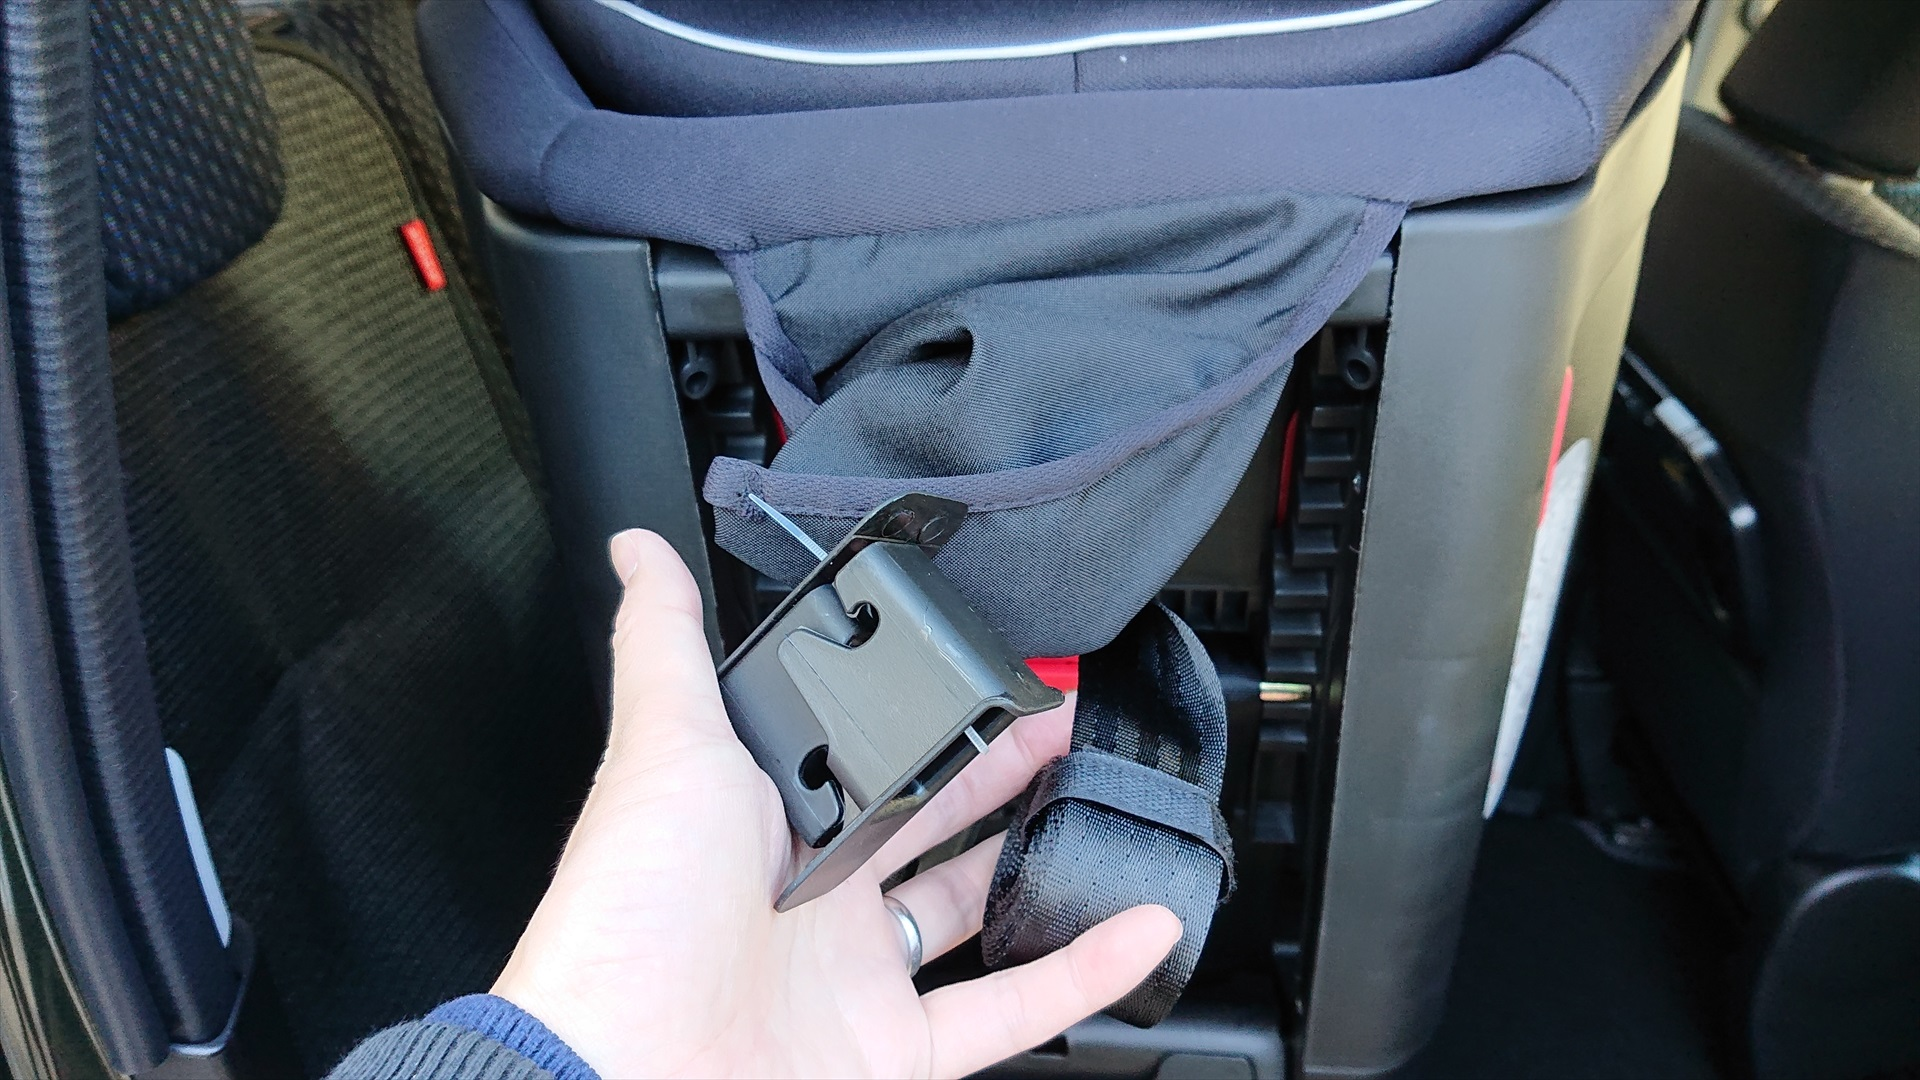 座面裏側のヘッドレスト付近にトップテザー(車のシートに固定する器具)とISOFIX装着補助具が収納されています。説明書読まずに設置しているとこれの位置が分かりませんでしたw